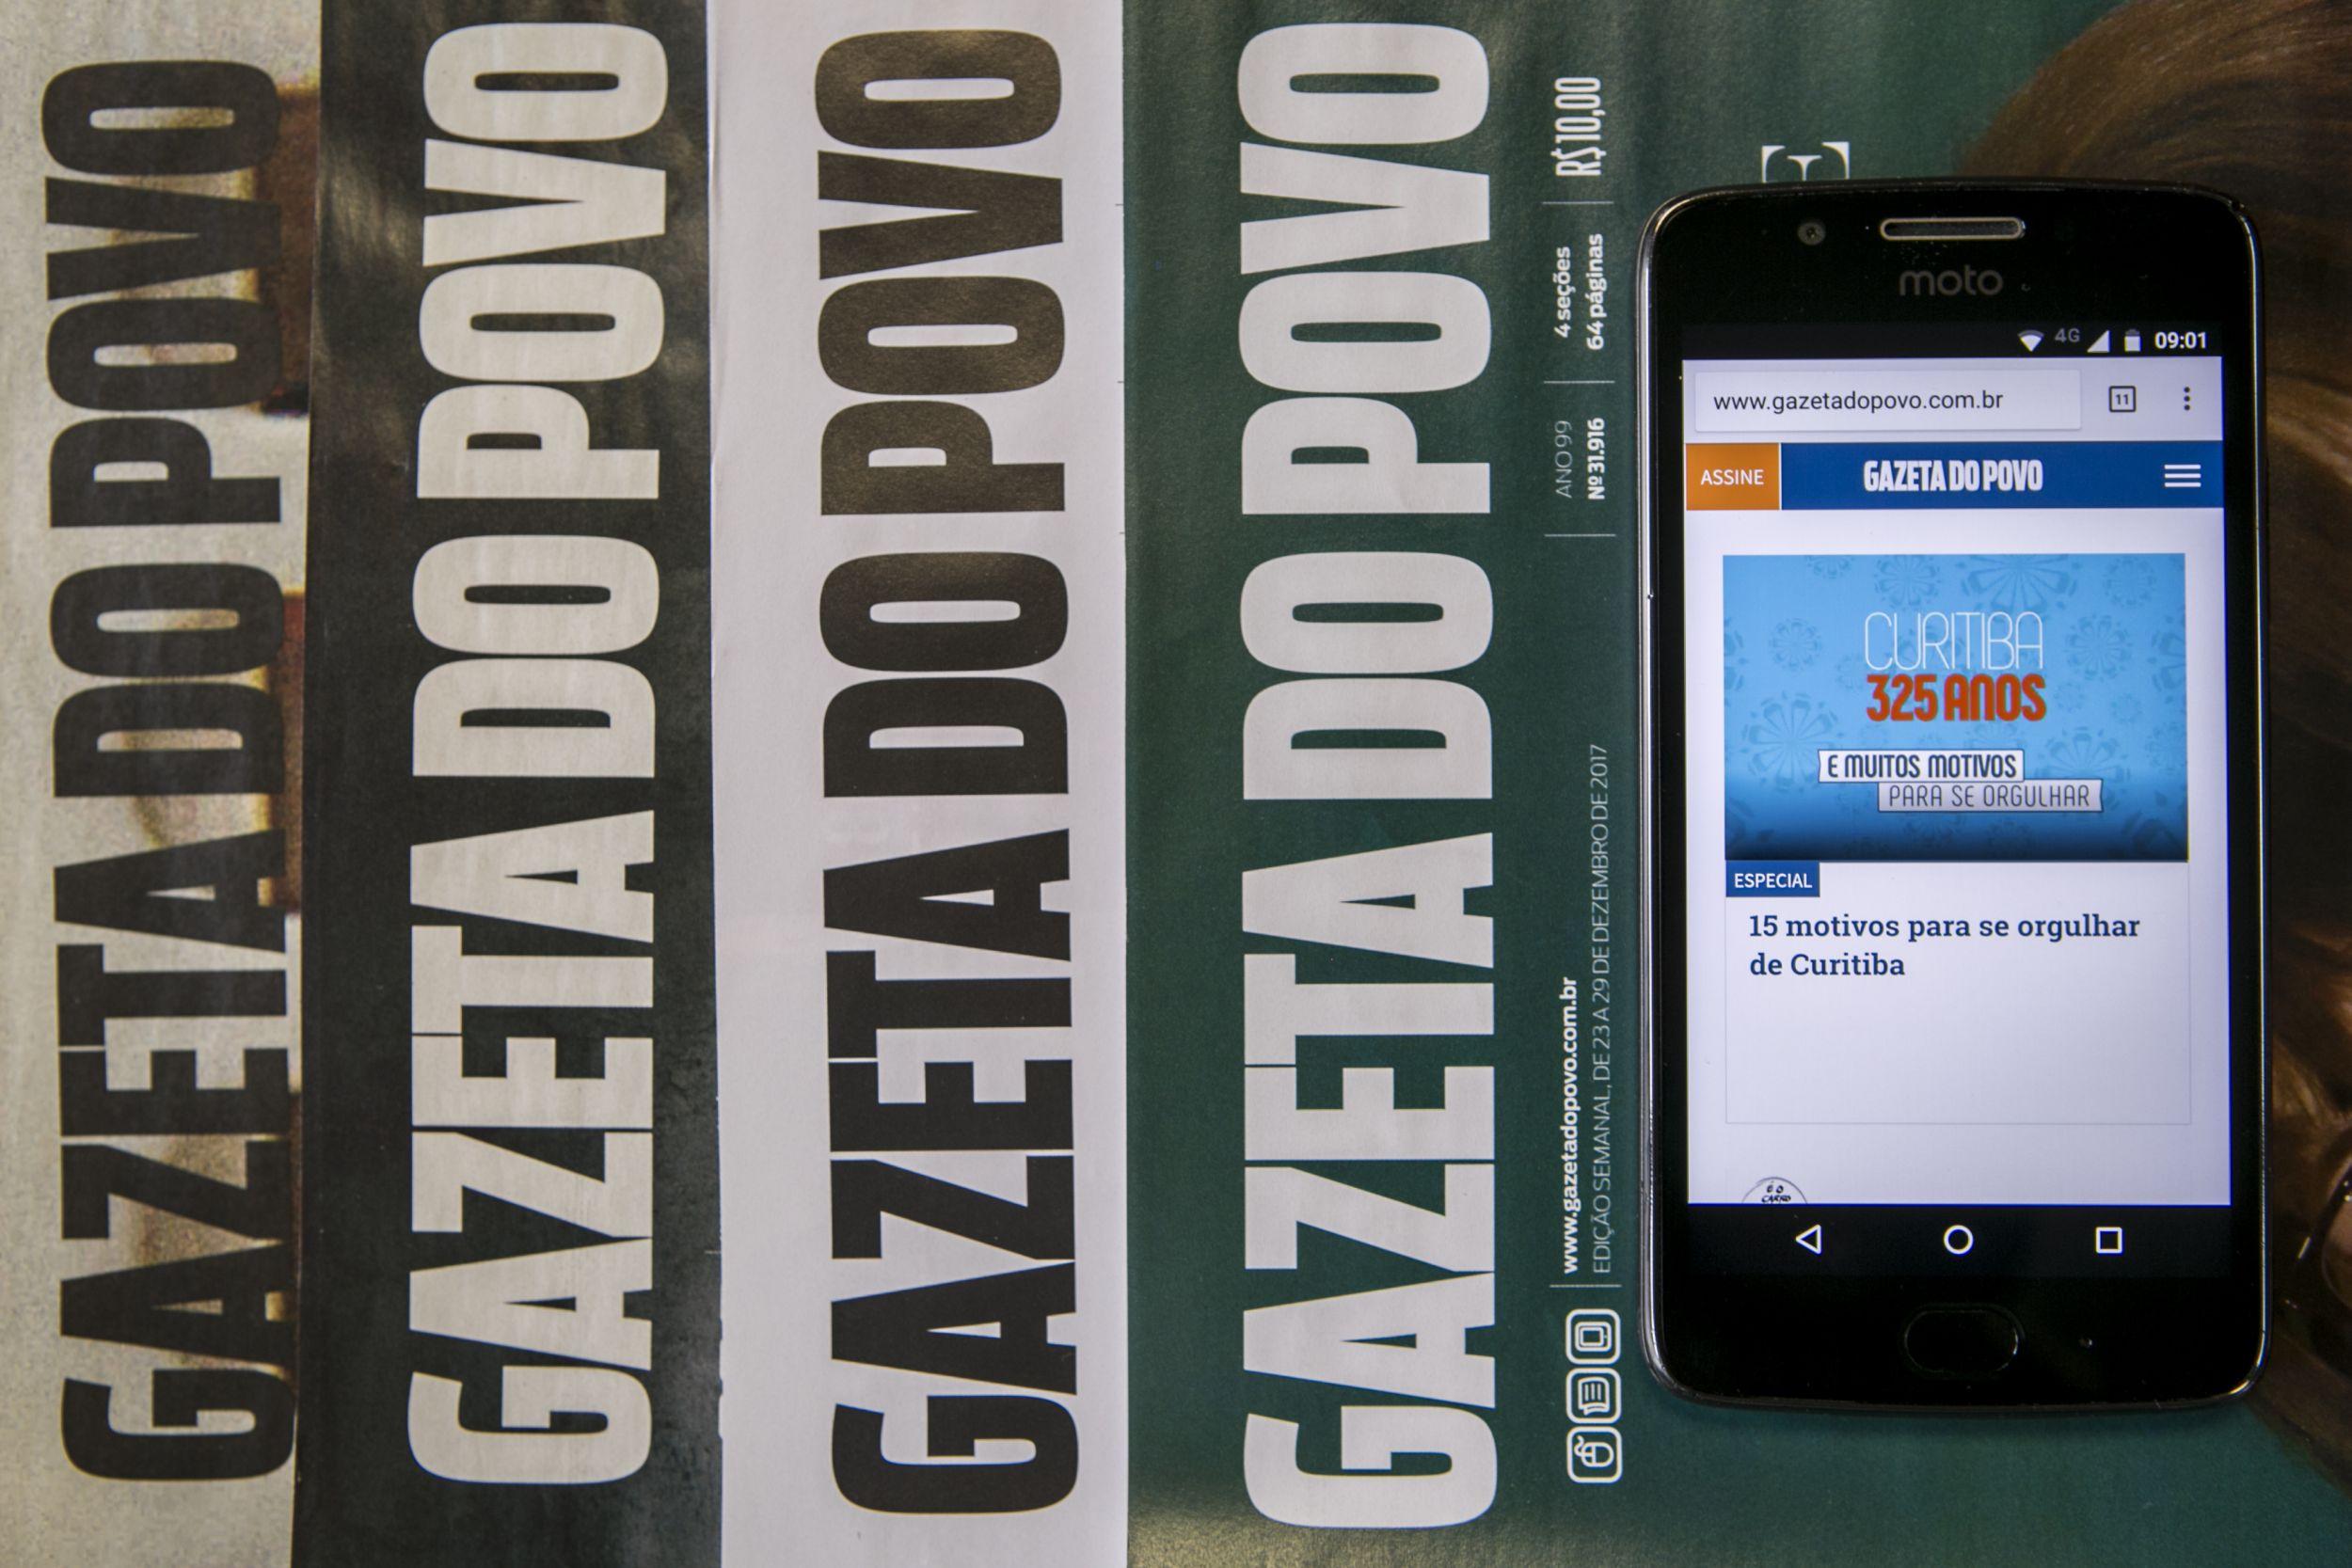 Documentário mostra o último dia da edição impressa diária da Gazeta do Povo